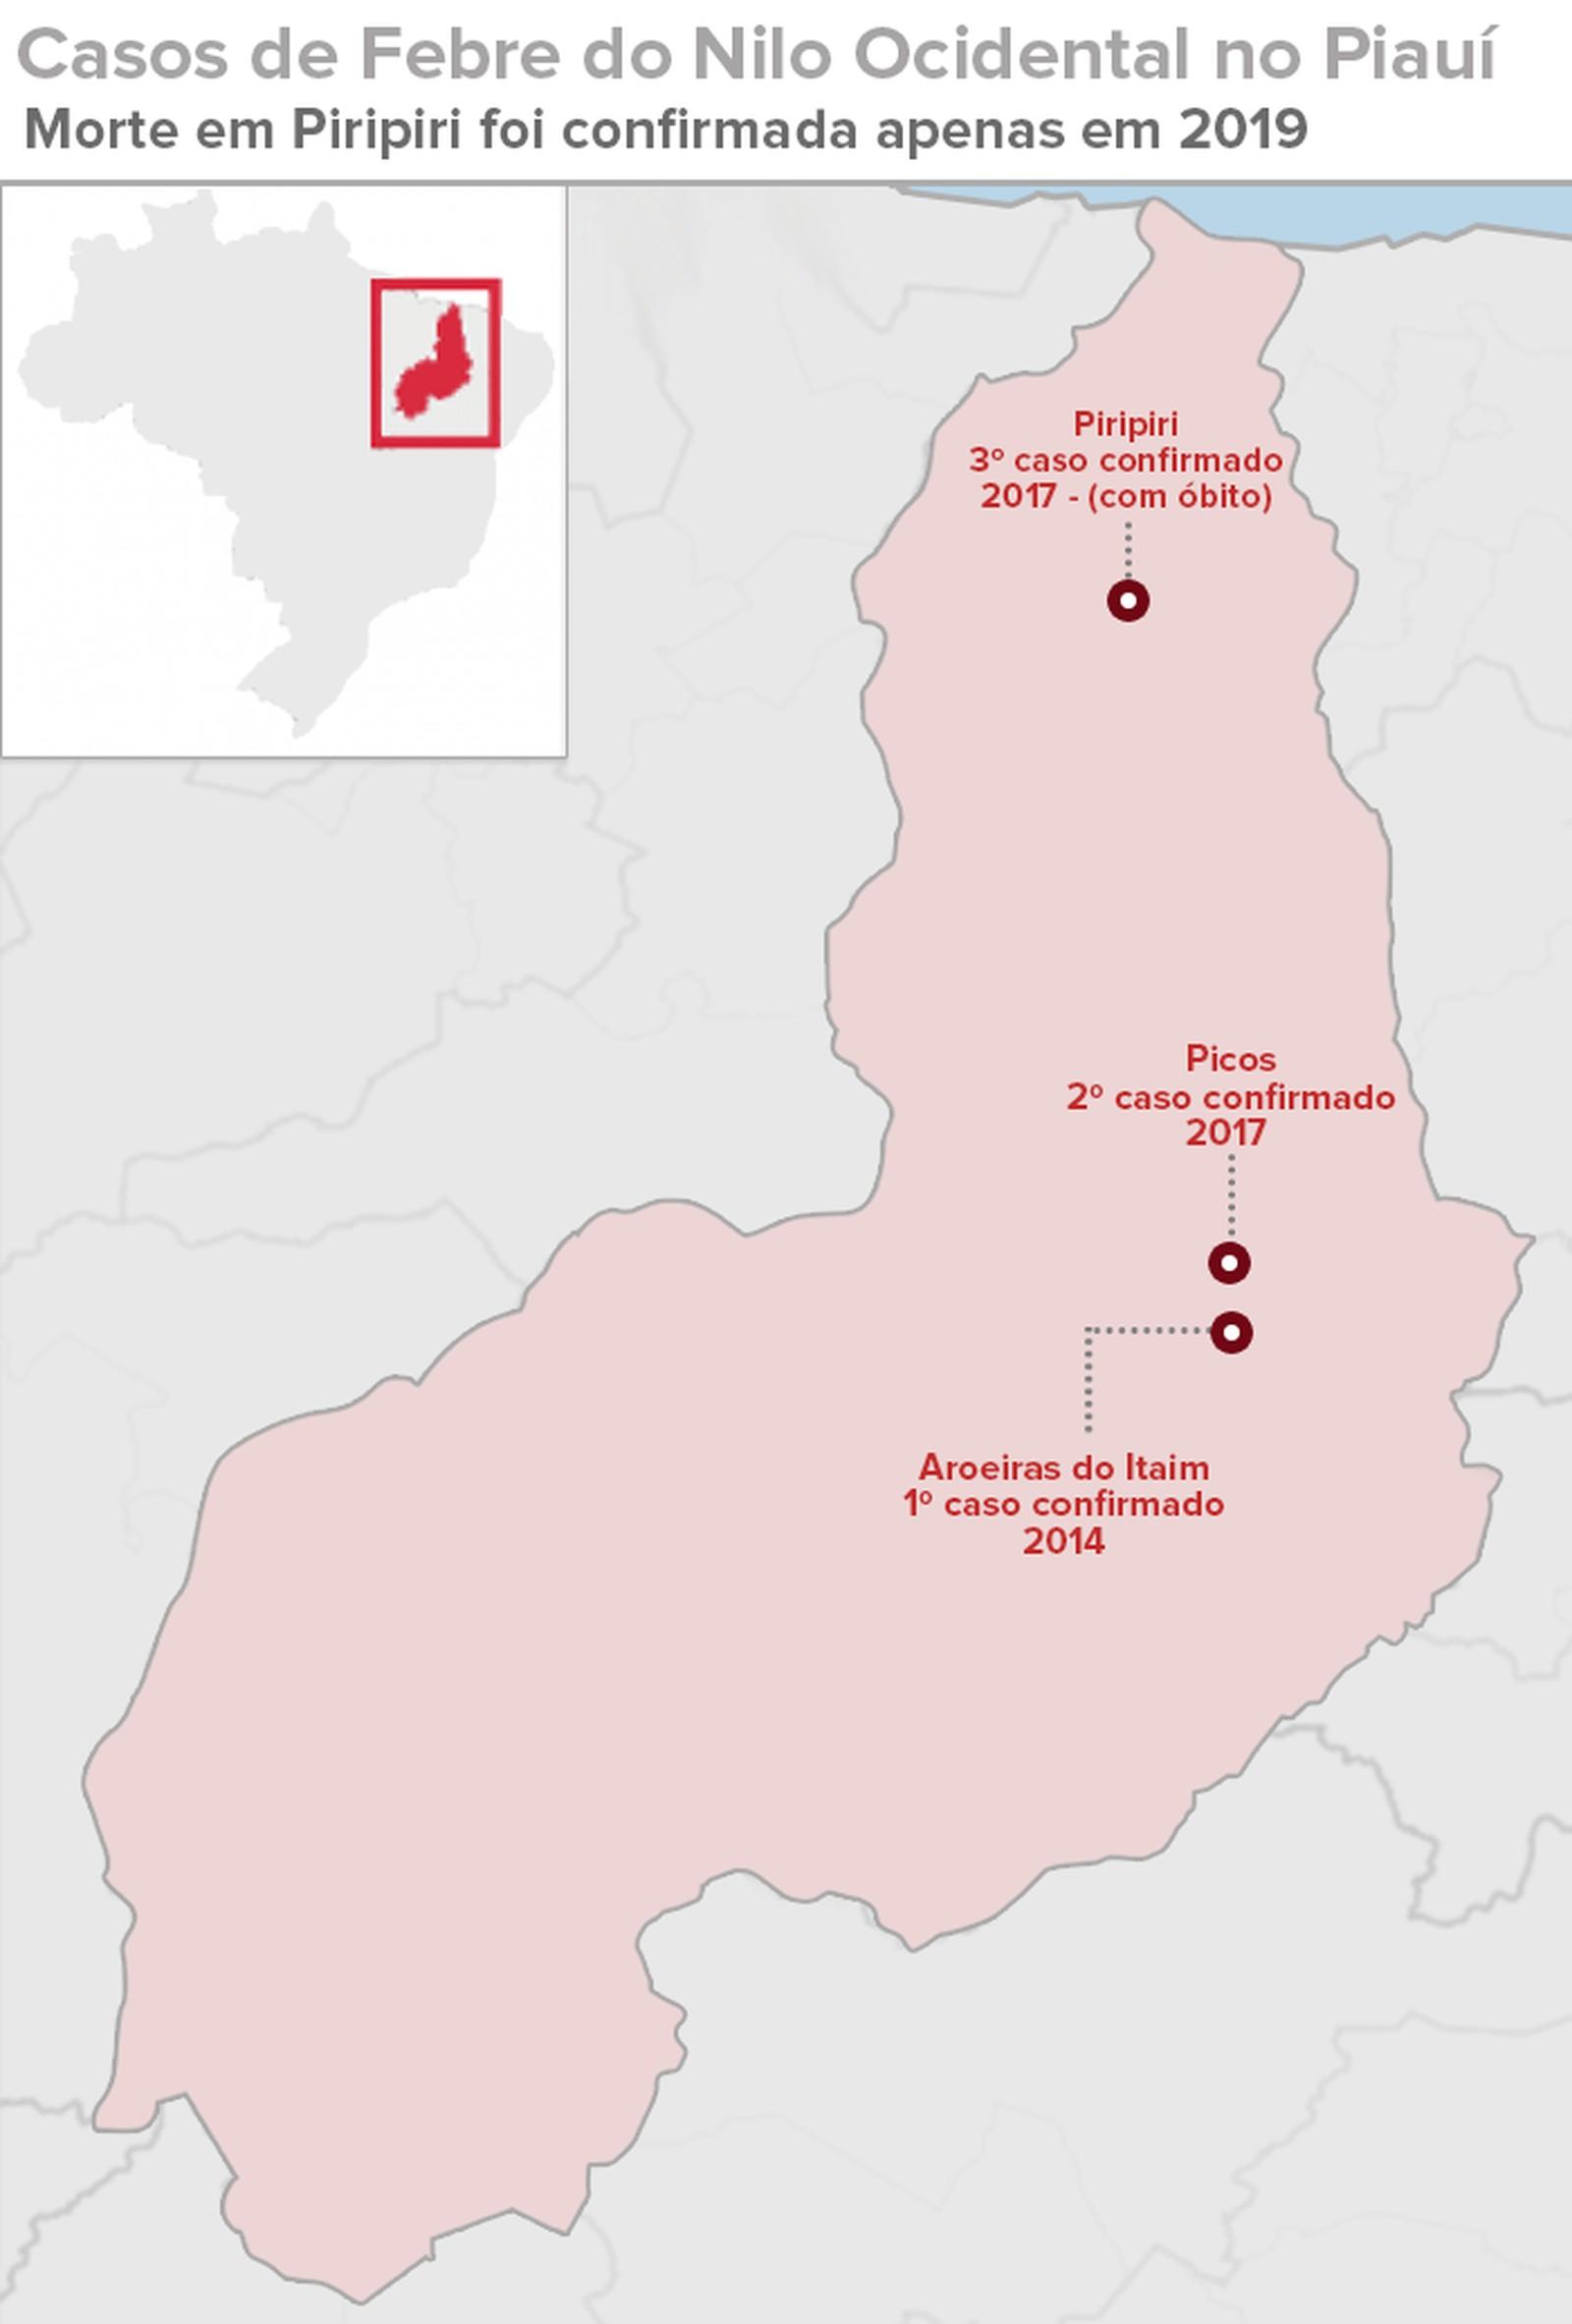 Terceiro caso de Febre do Nilo Ocidental é confirmado no Brasil